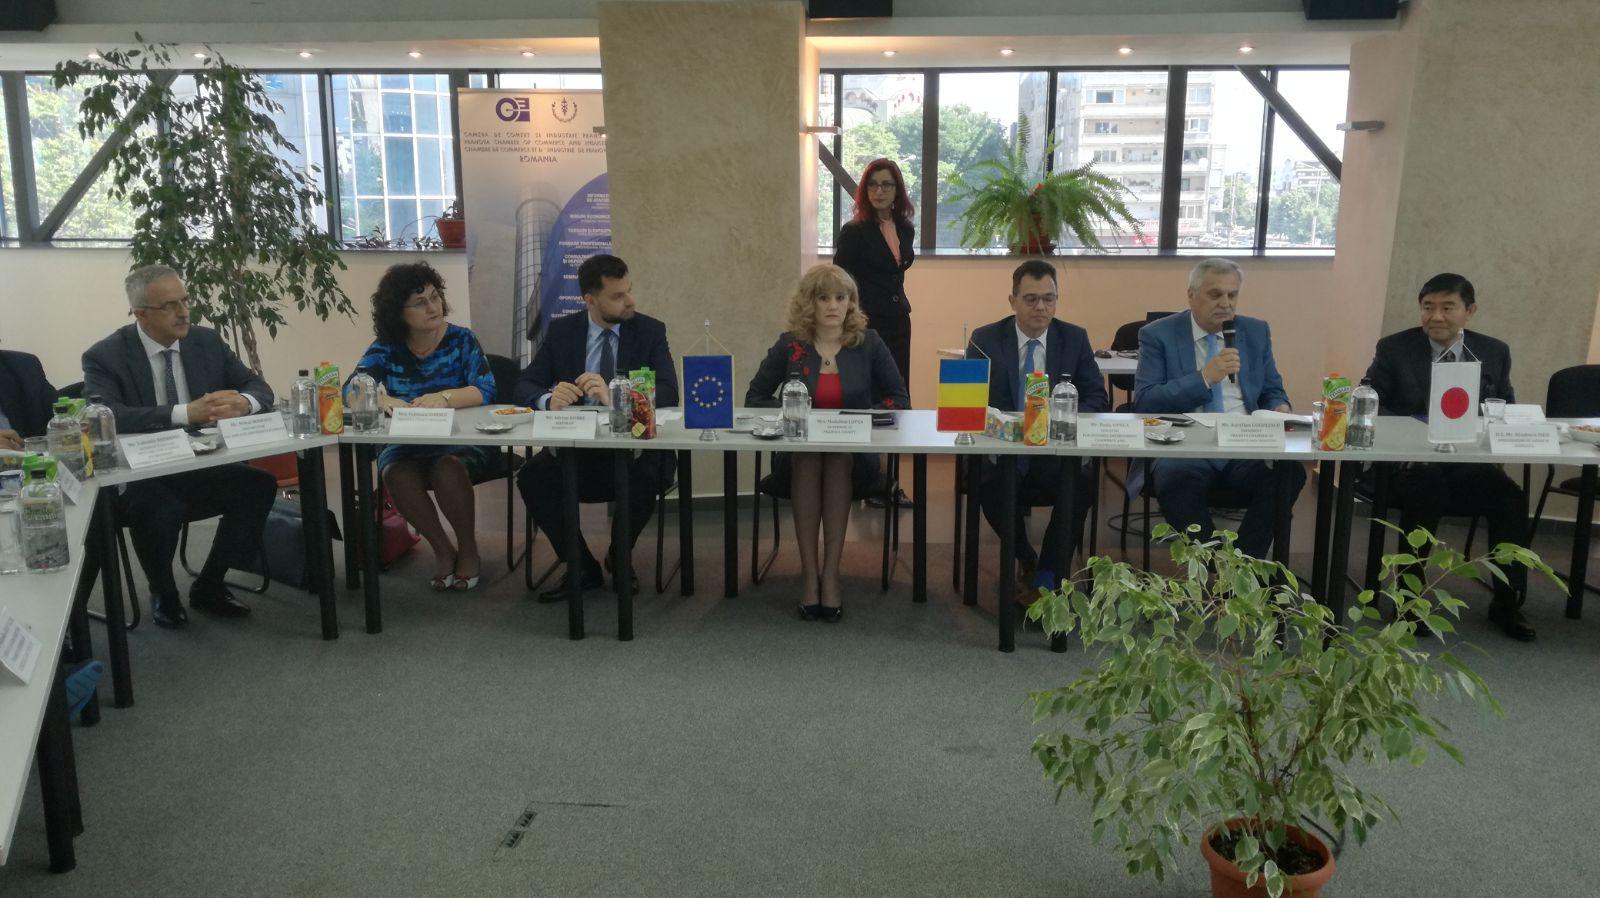 Japonezii vor să-și extindă investițiile în România în mai multe domenii-Video